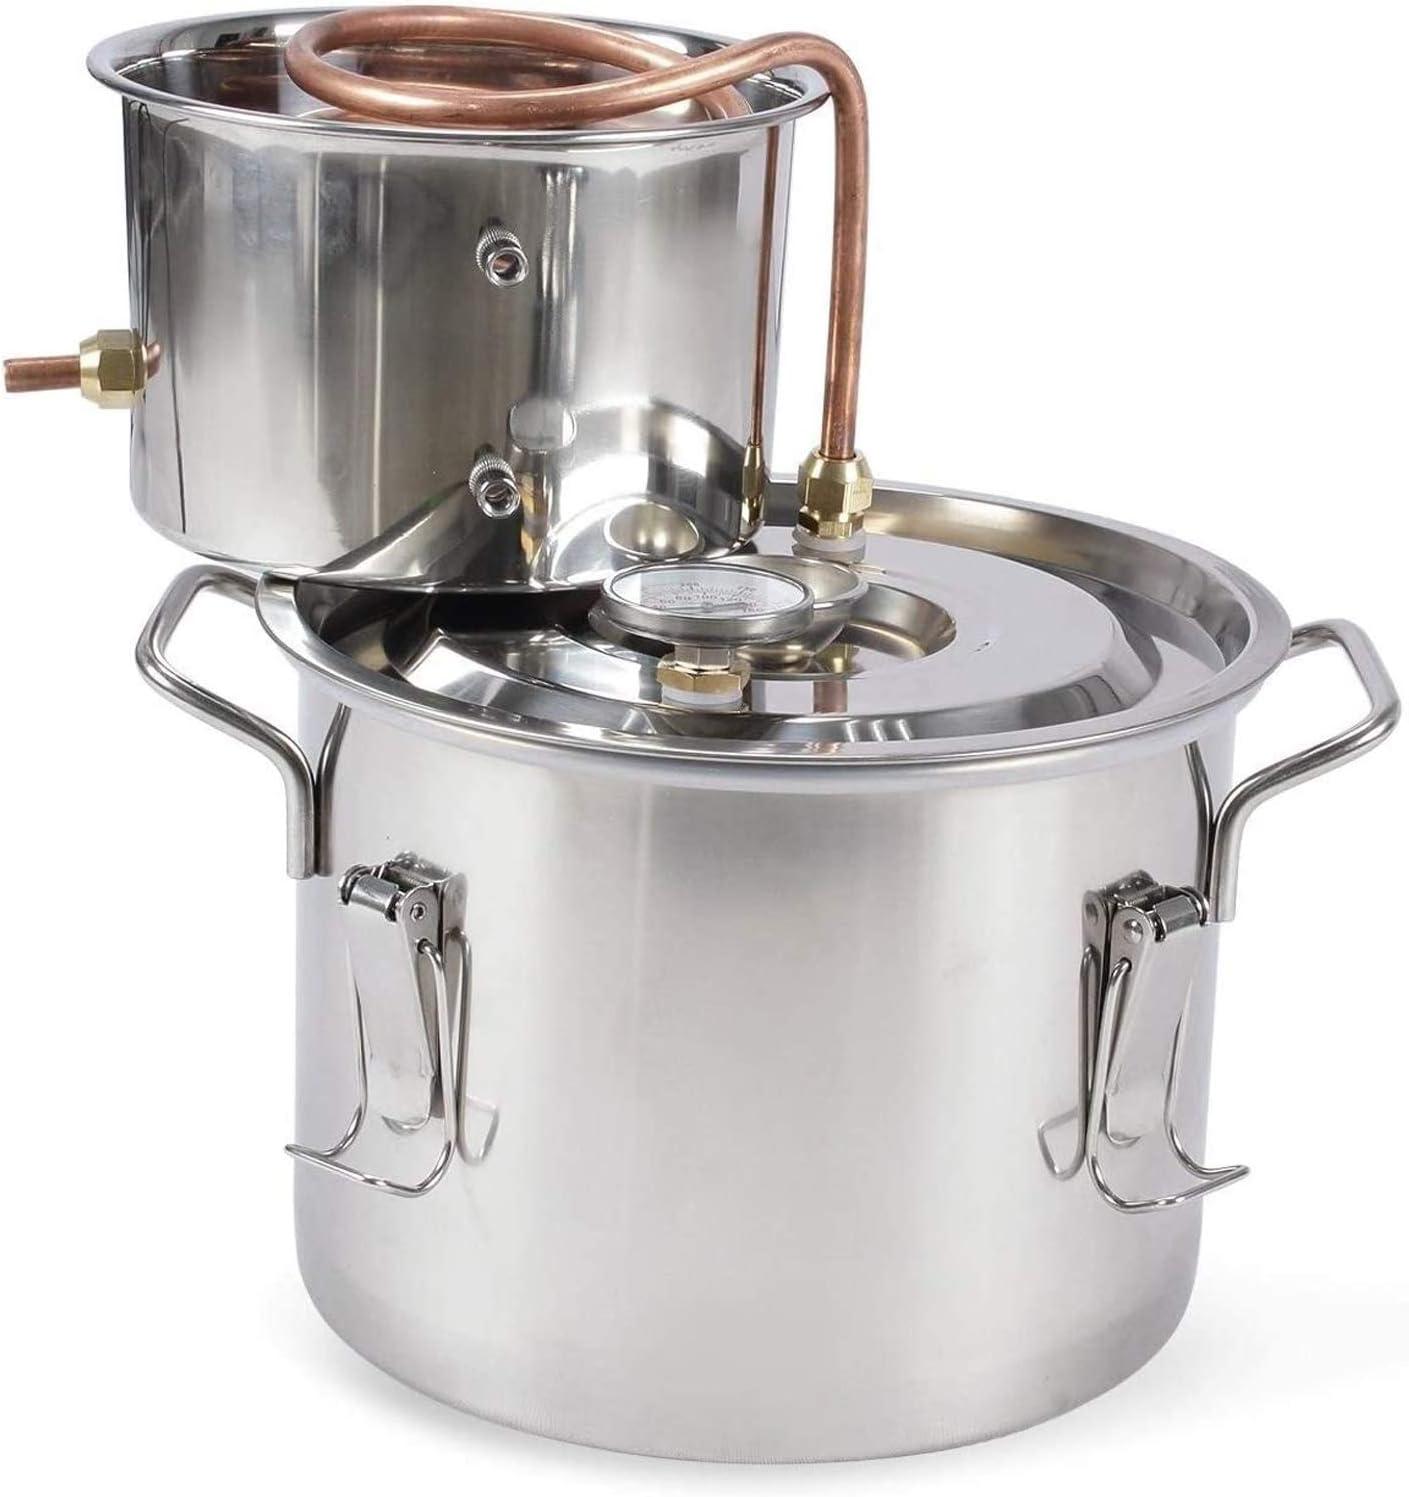 Kit De Licores Destilador De Alcohol De Agua Elaboración Casera Kit De Elaboración De Vino Caldera De Aceite Tubo De Cobre Acero Inoxidable,1